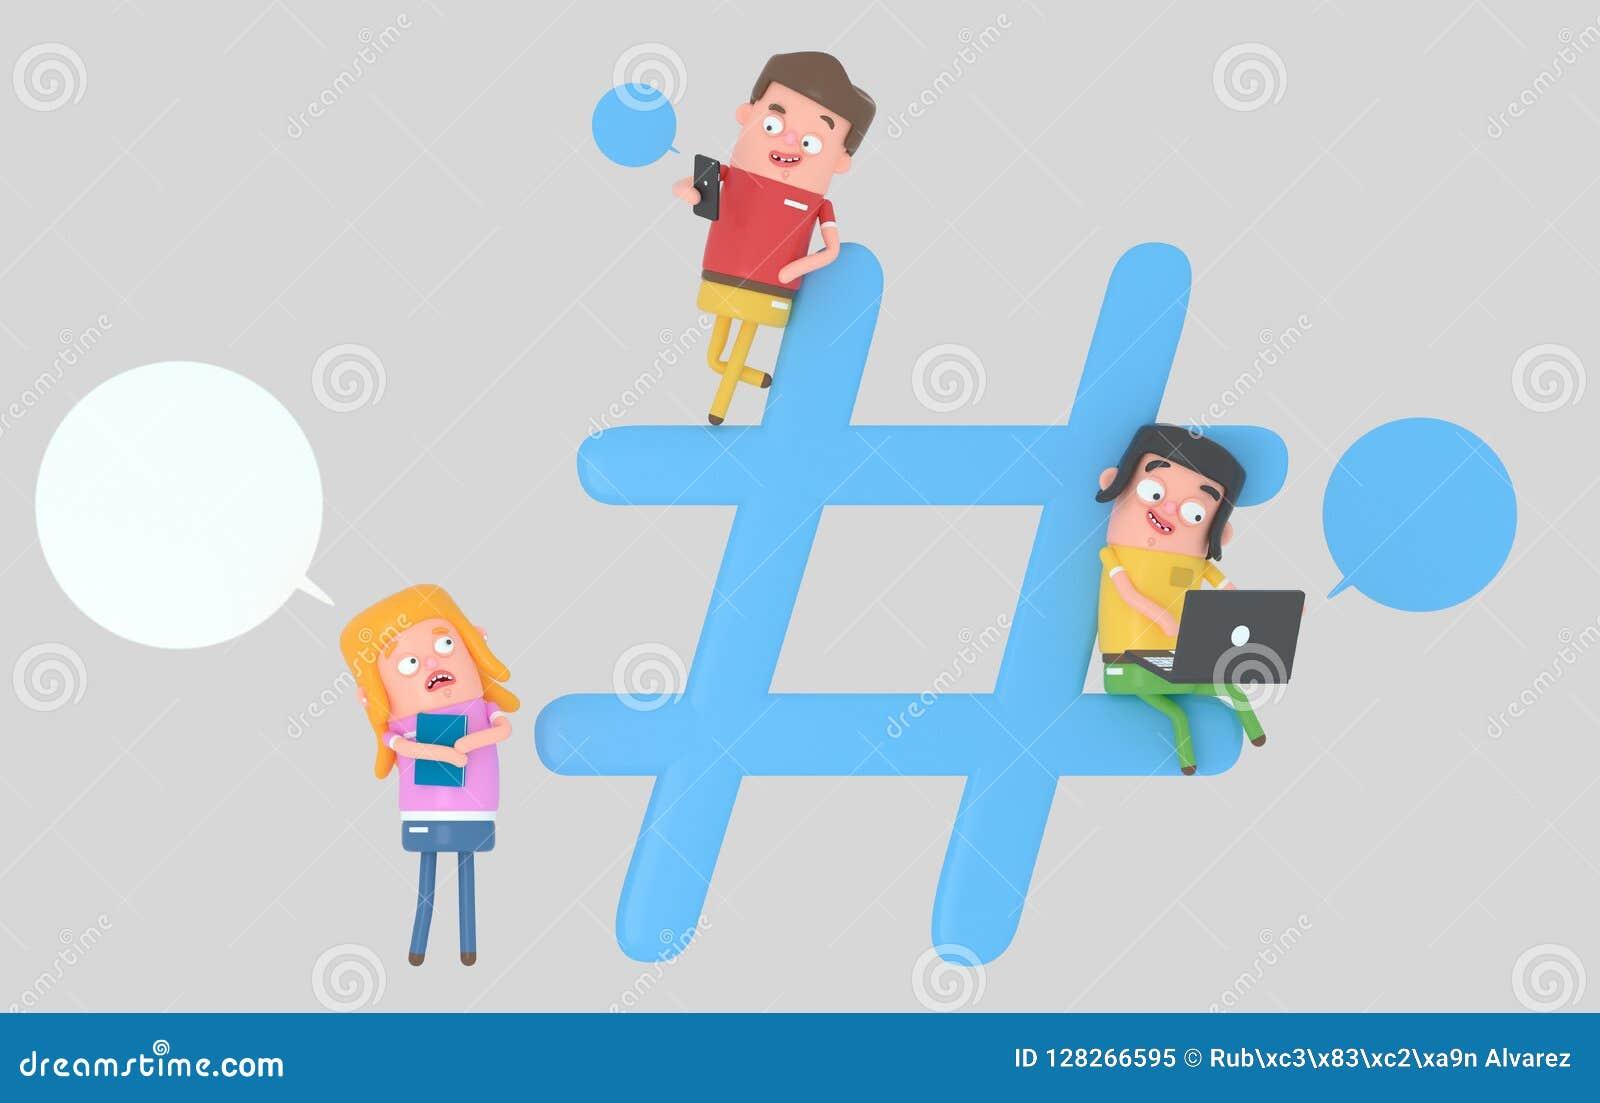 Jovens sobre o símbolo do Internet do hashtag ilustração 3D